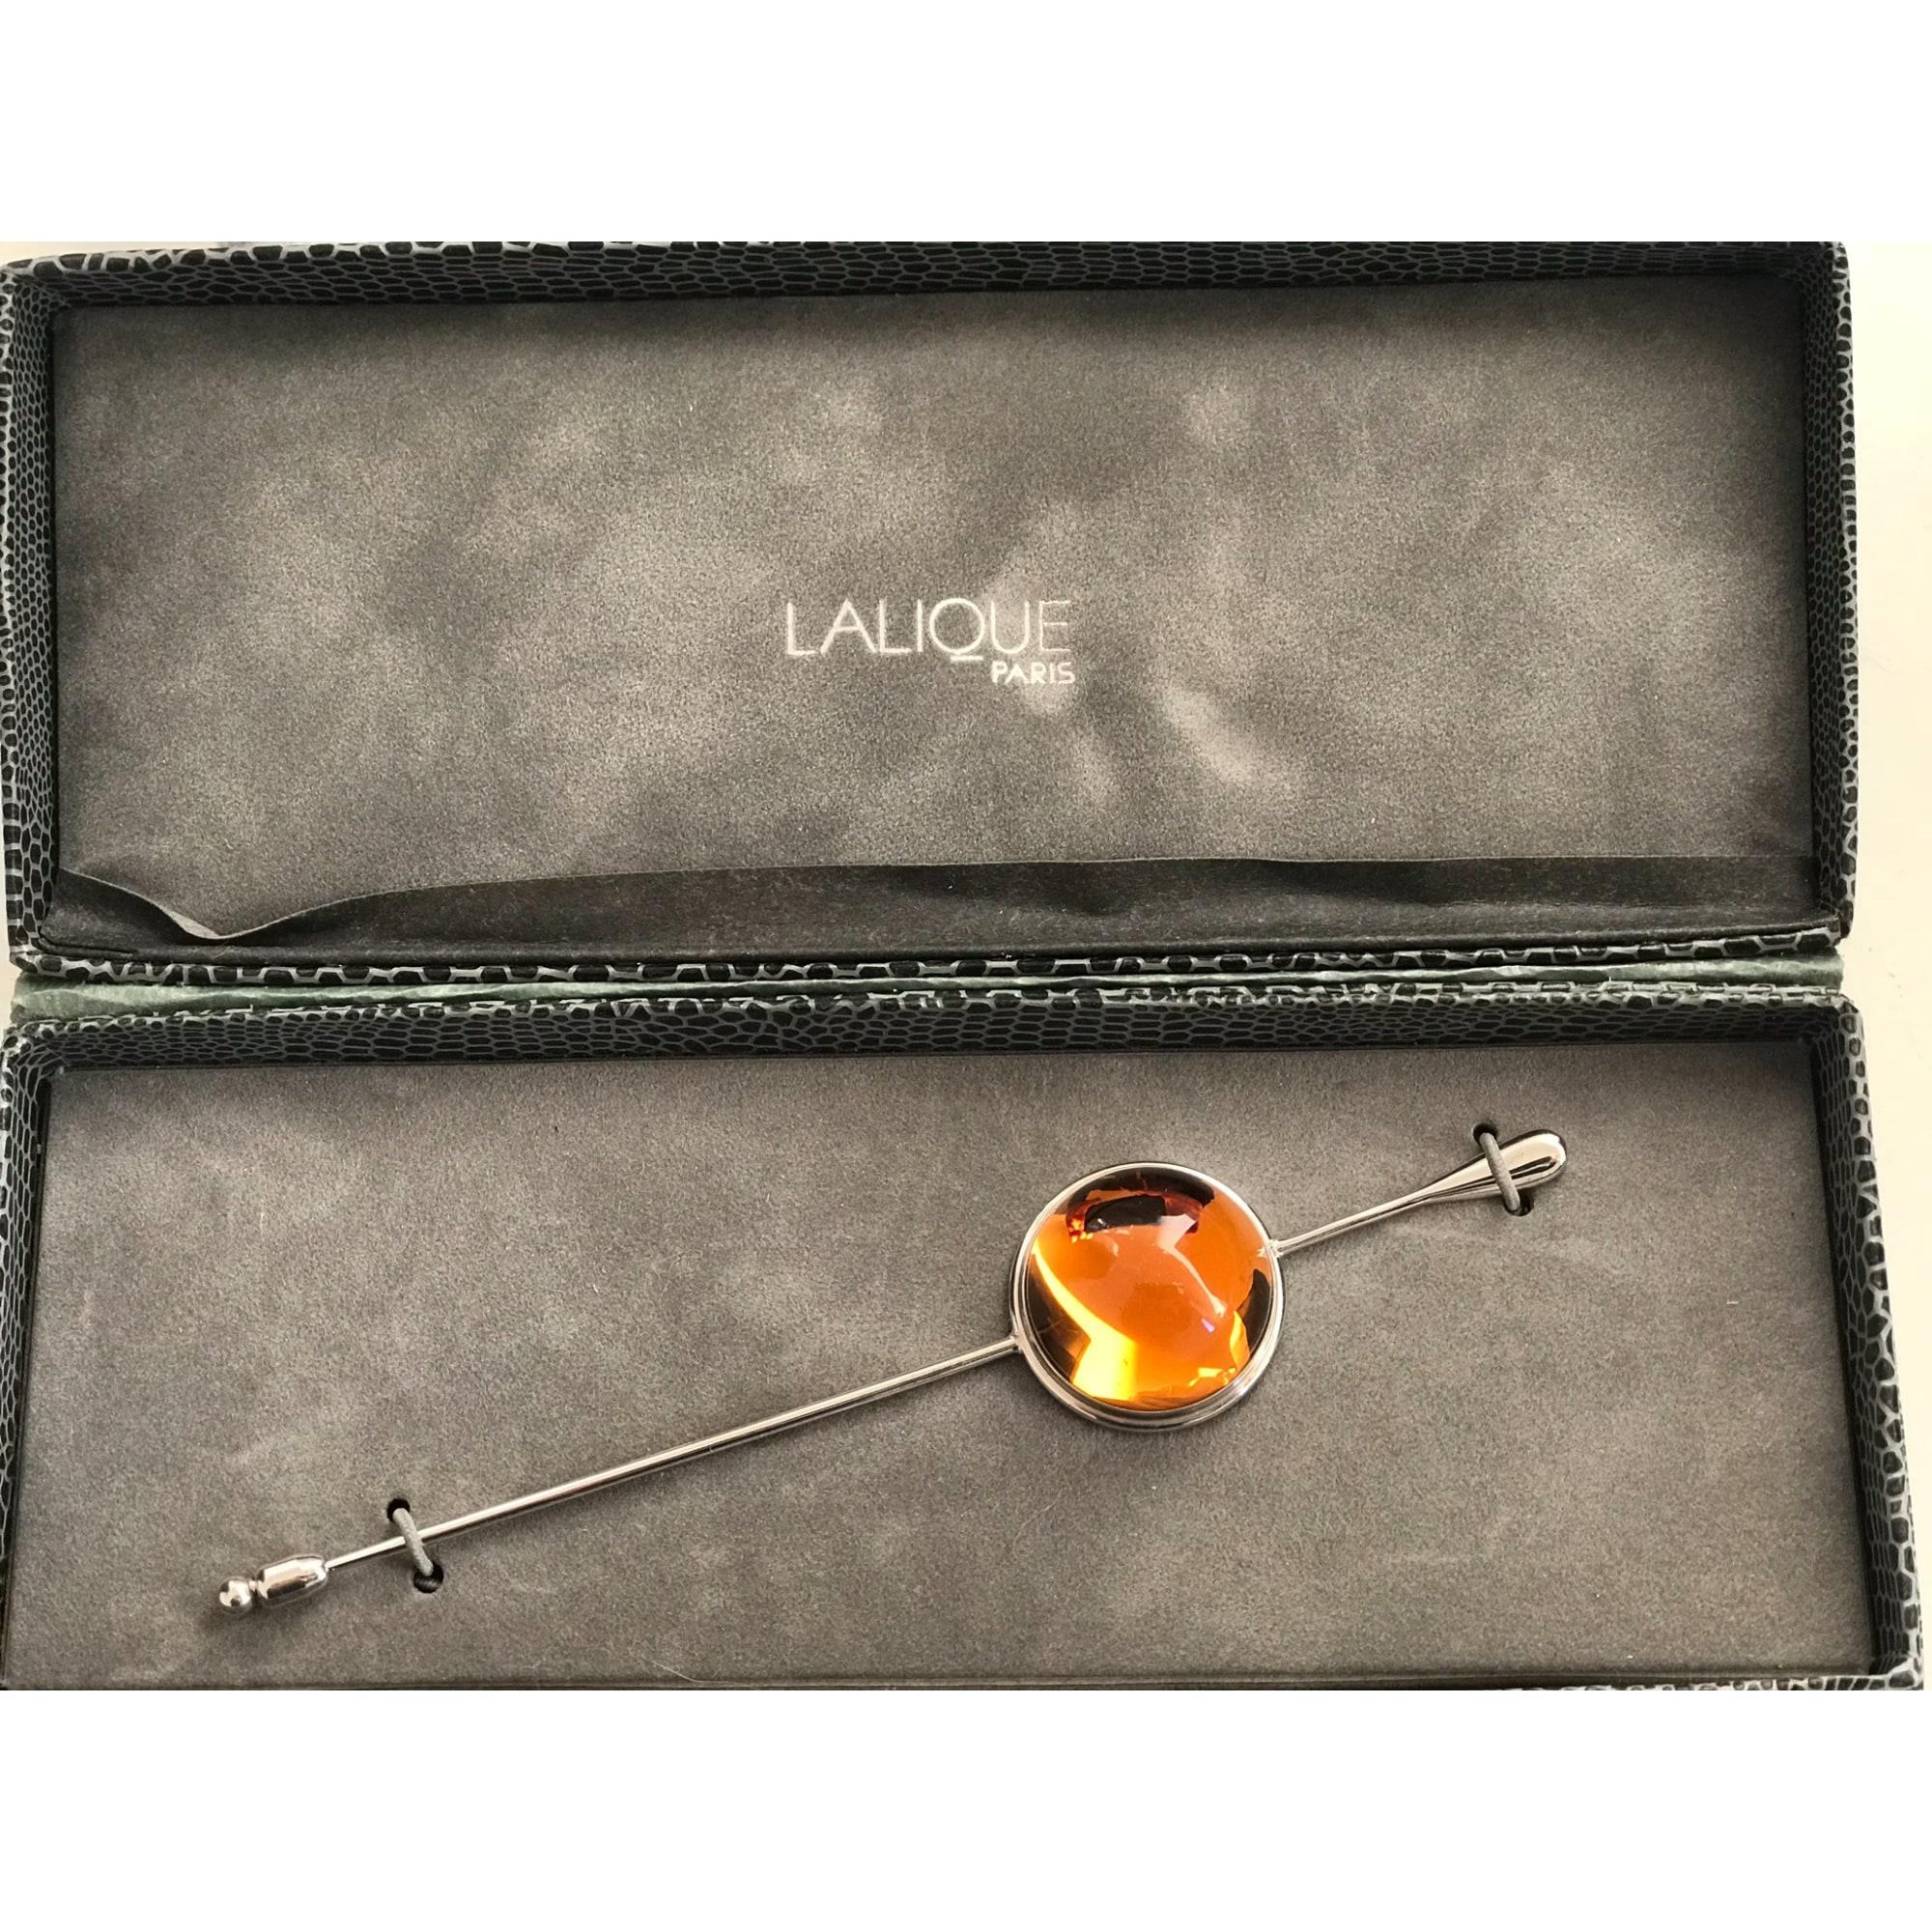 Broche LALIQUE Orange